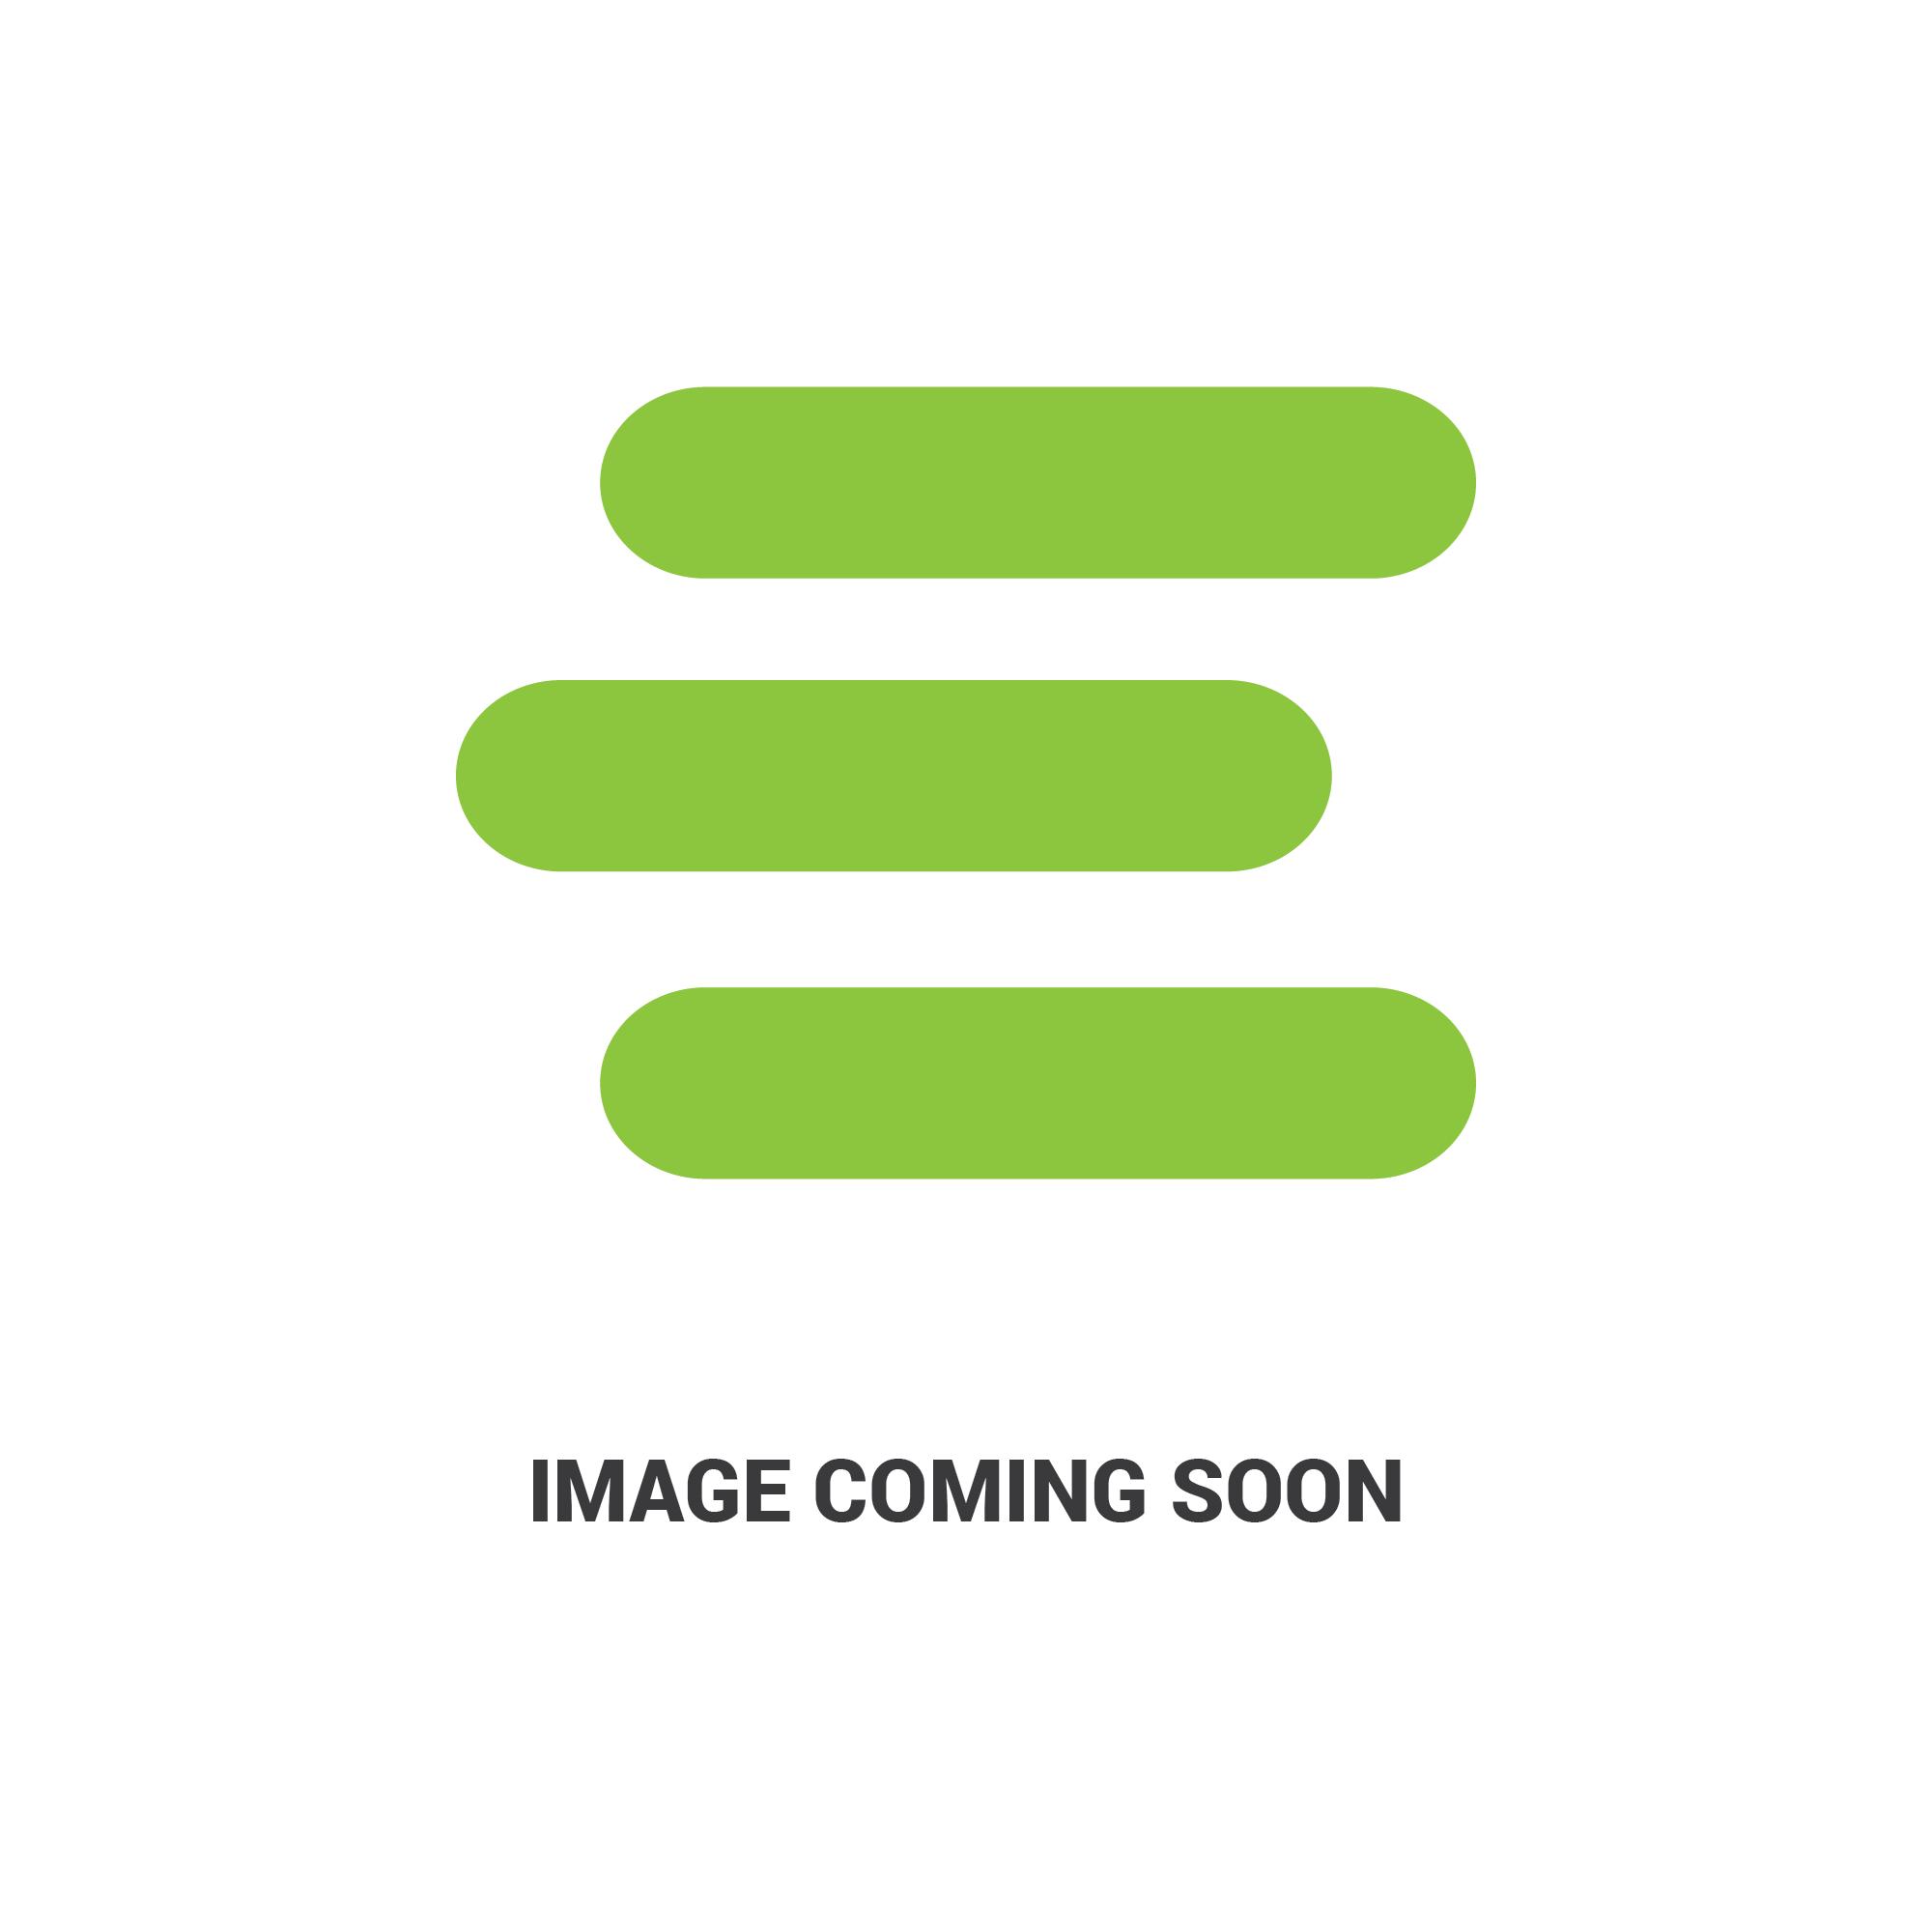 E-E1ADDN995233edit 1.jpg